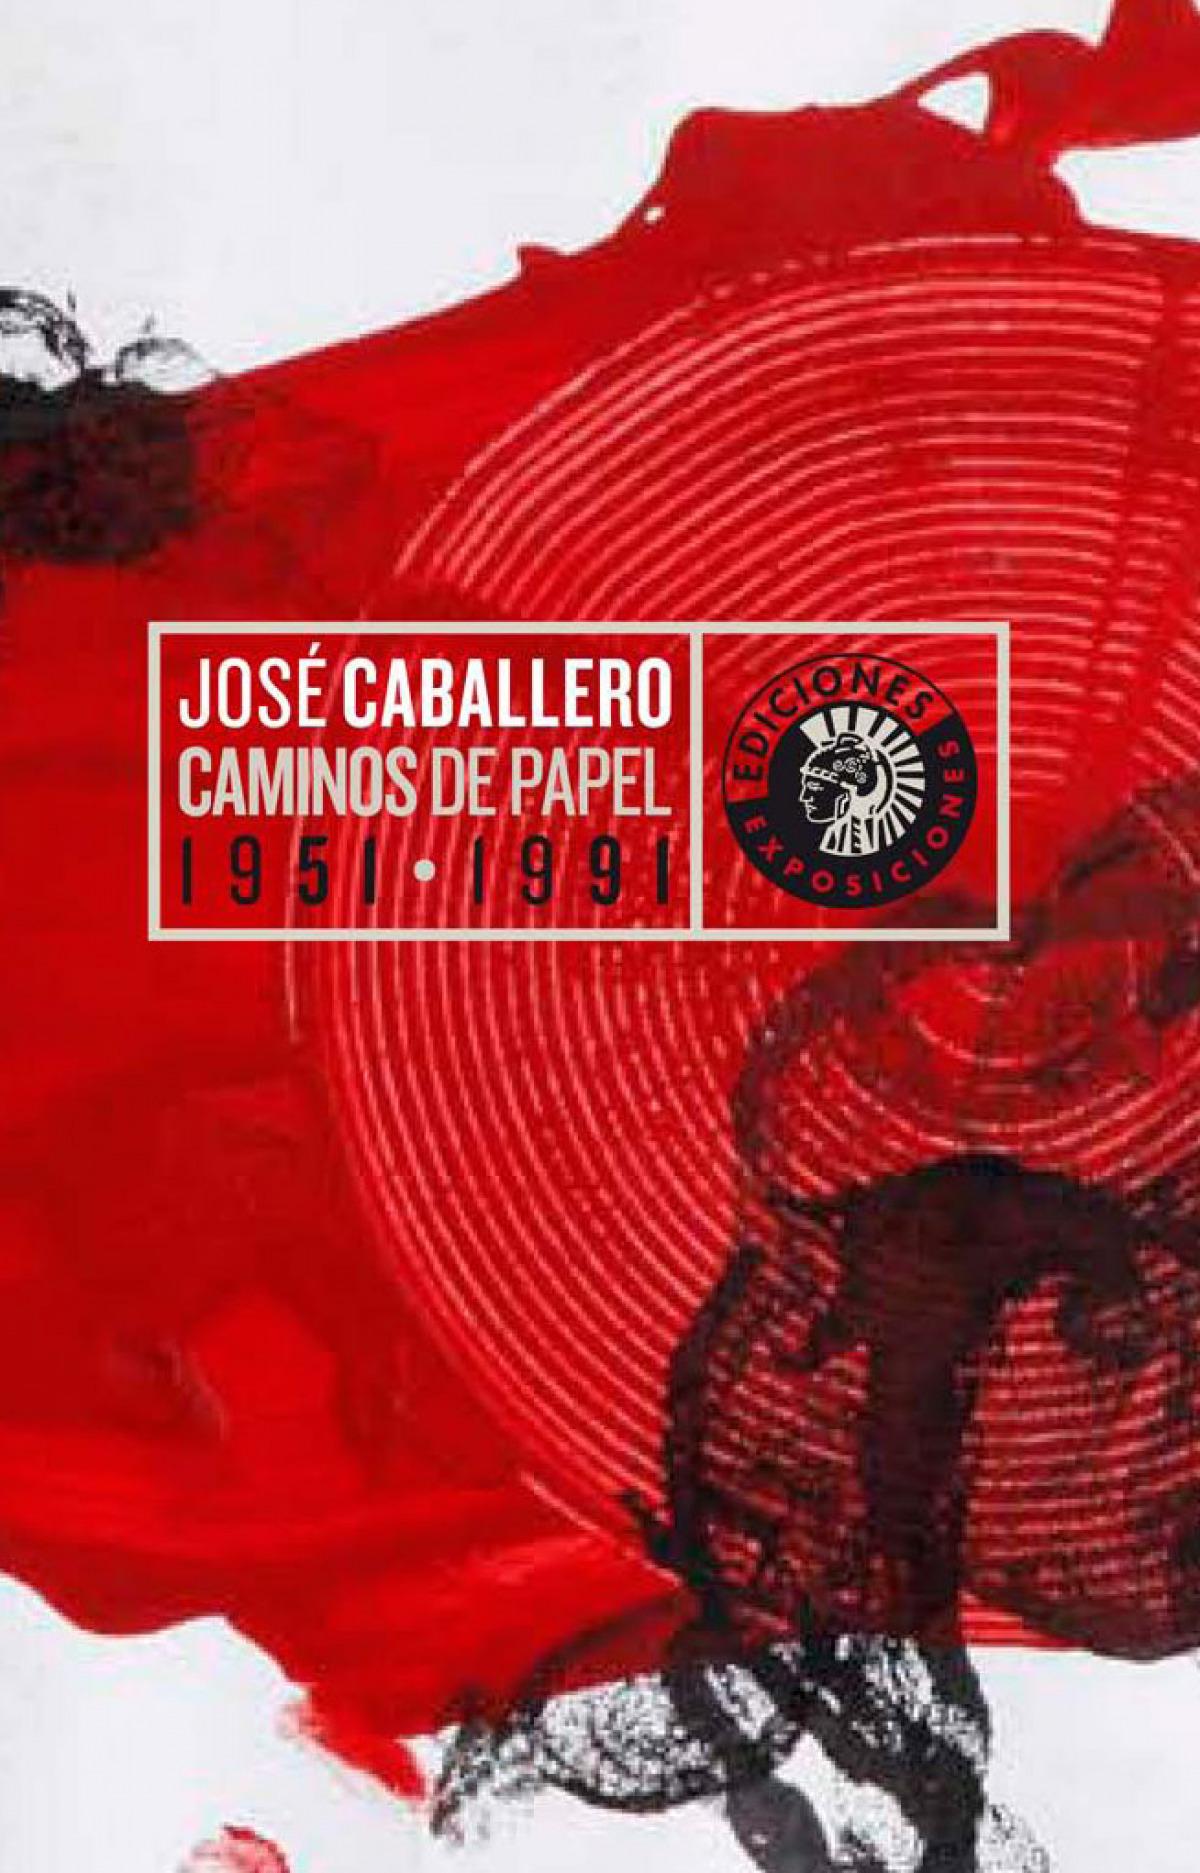 Caminos de papel 1951-1991 - José Caballero